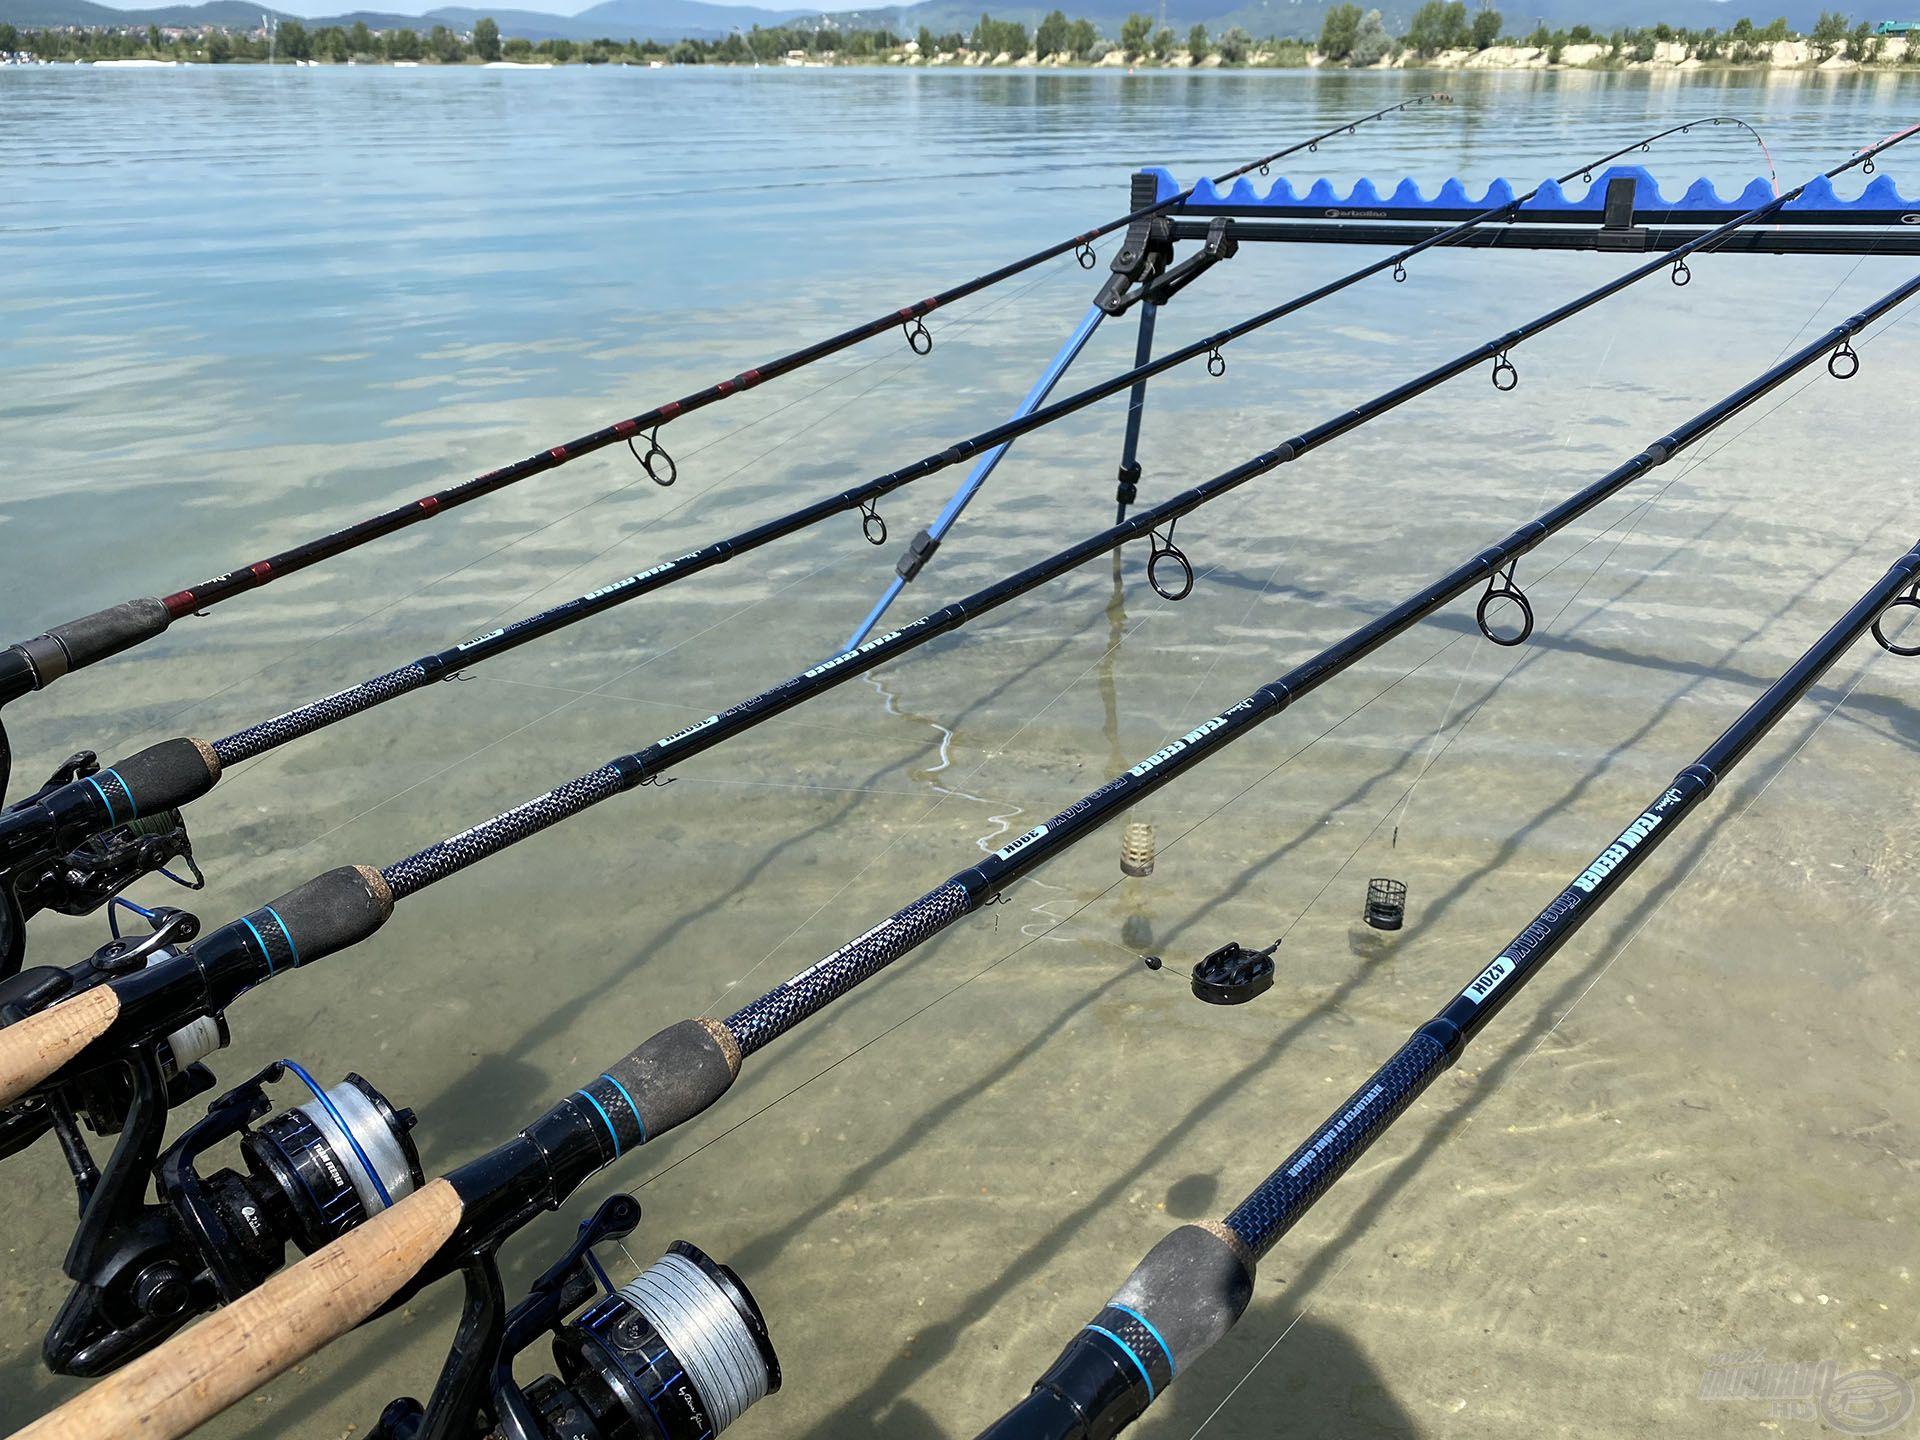 Kettő hosszú előkés és kettő method feeder végszerelék várta a halakat. Ezeket folyamatosan váltogattam, de itt methoddal egyetlen halat sem fogtam